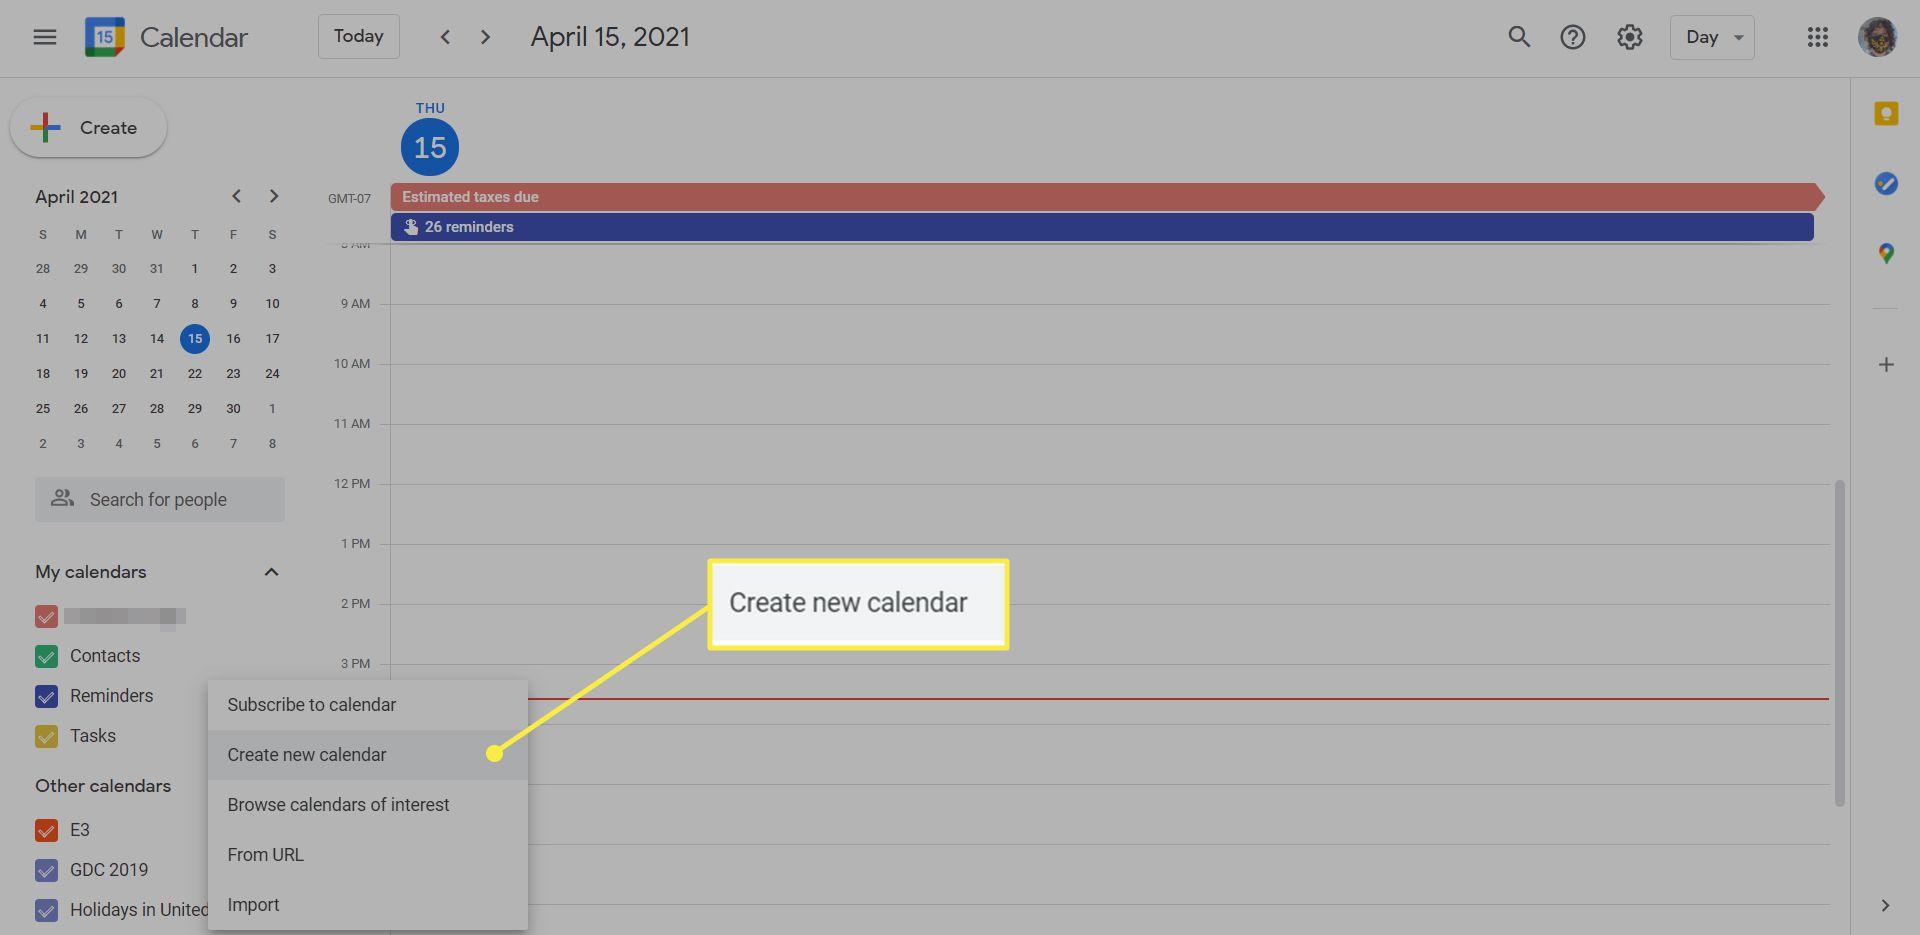 A Google Calendar with the 'Create new calendar' option highlighted